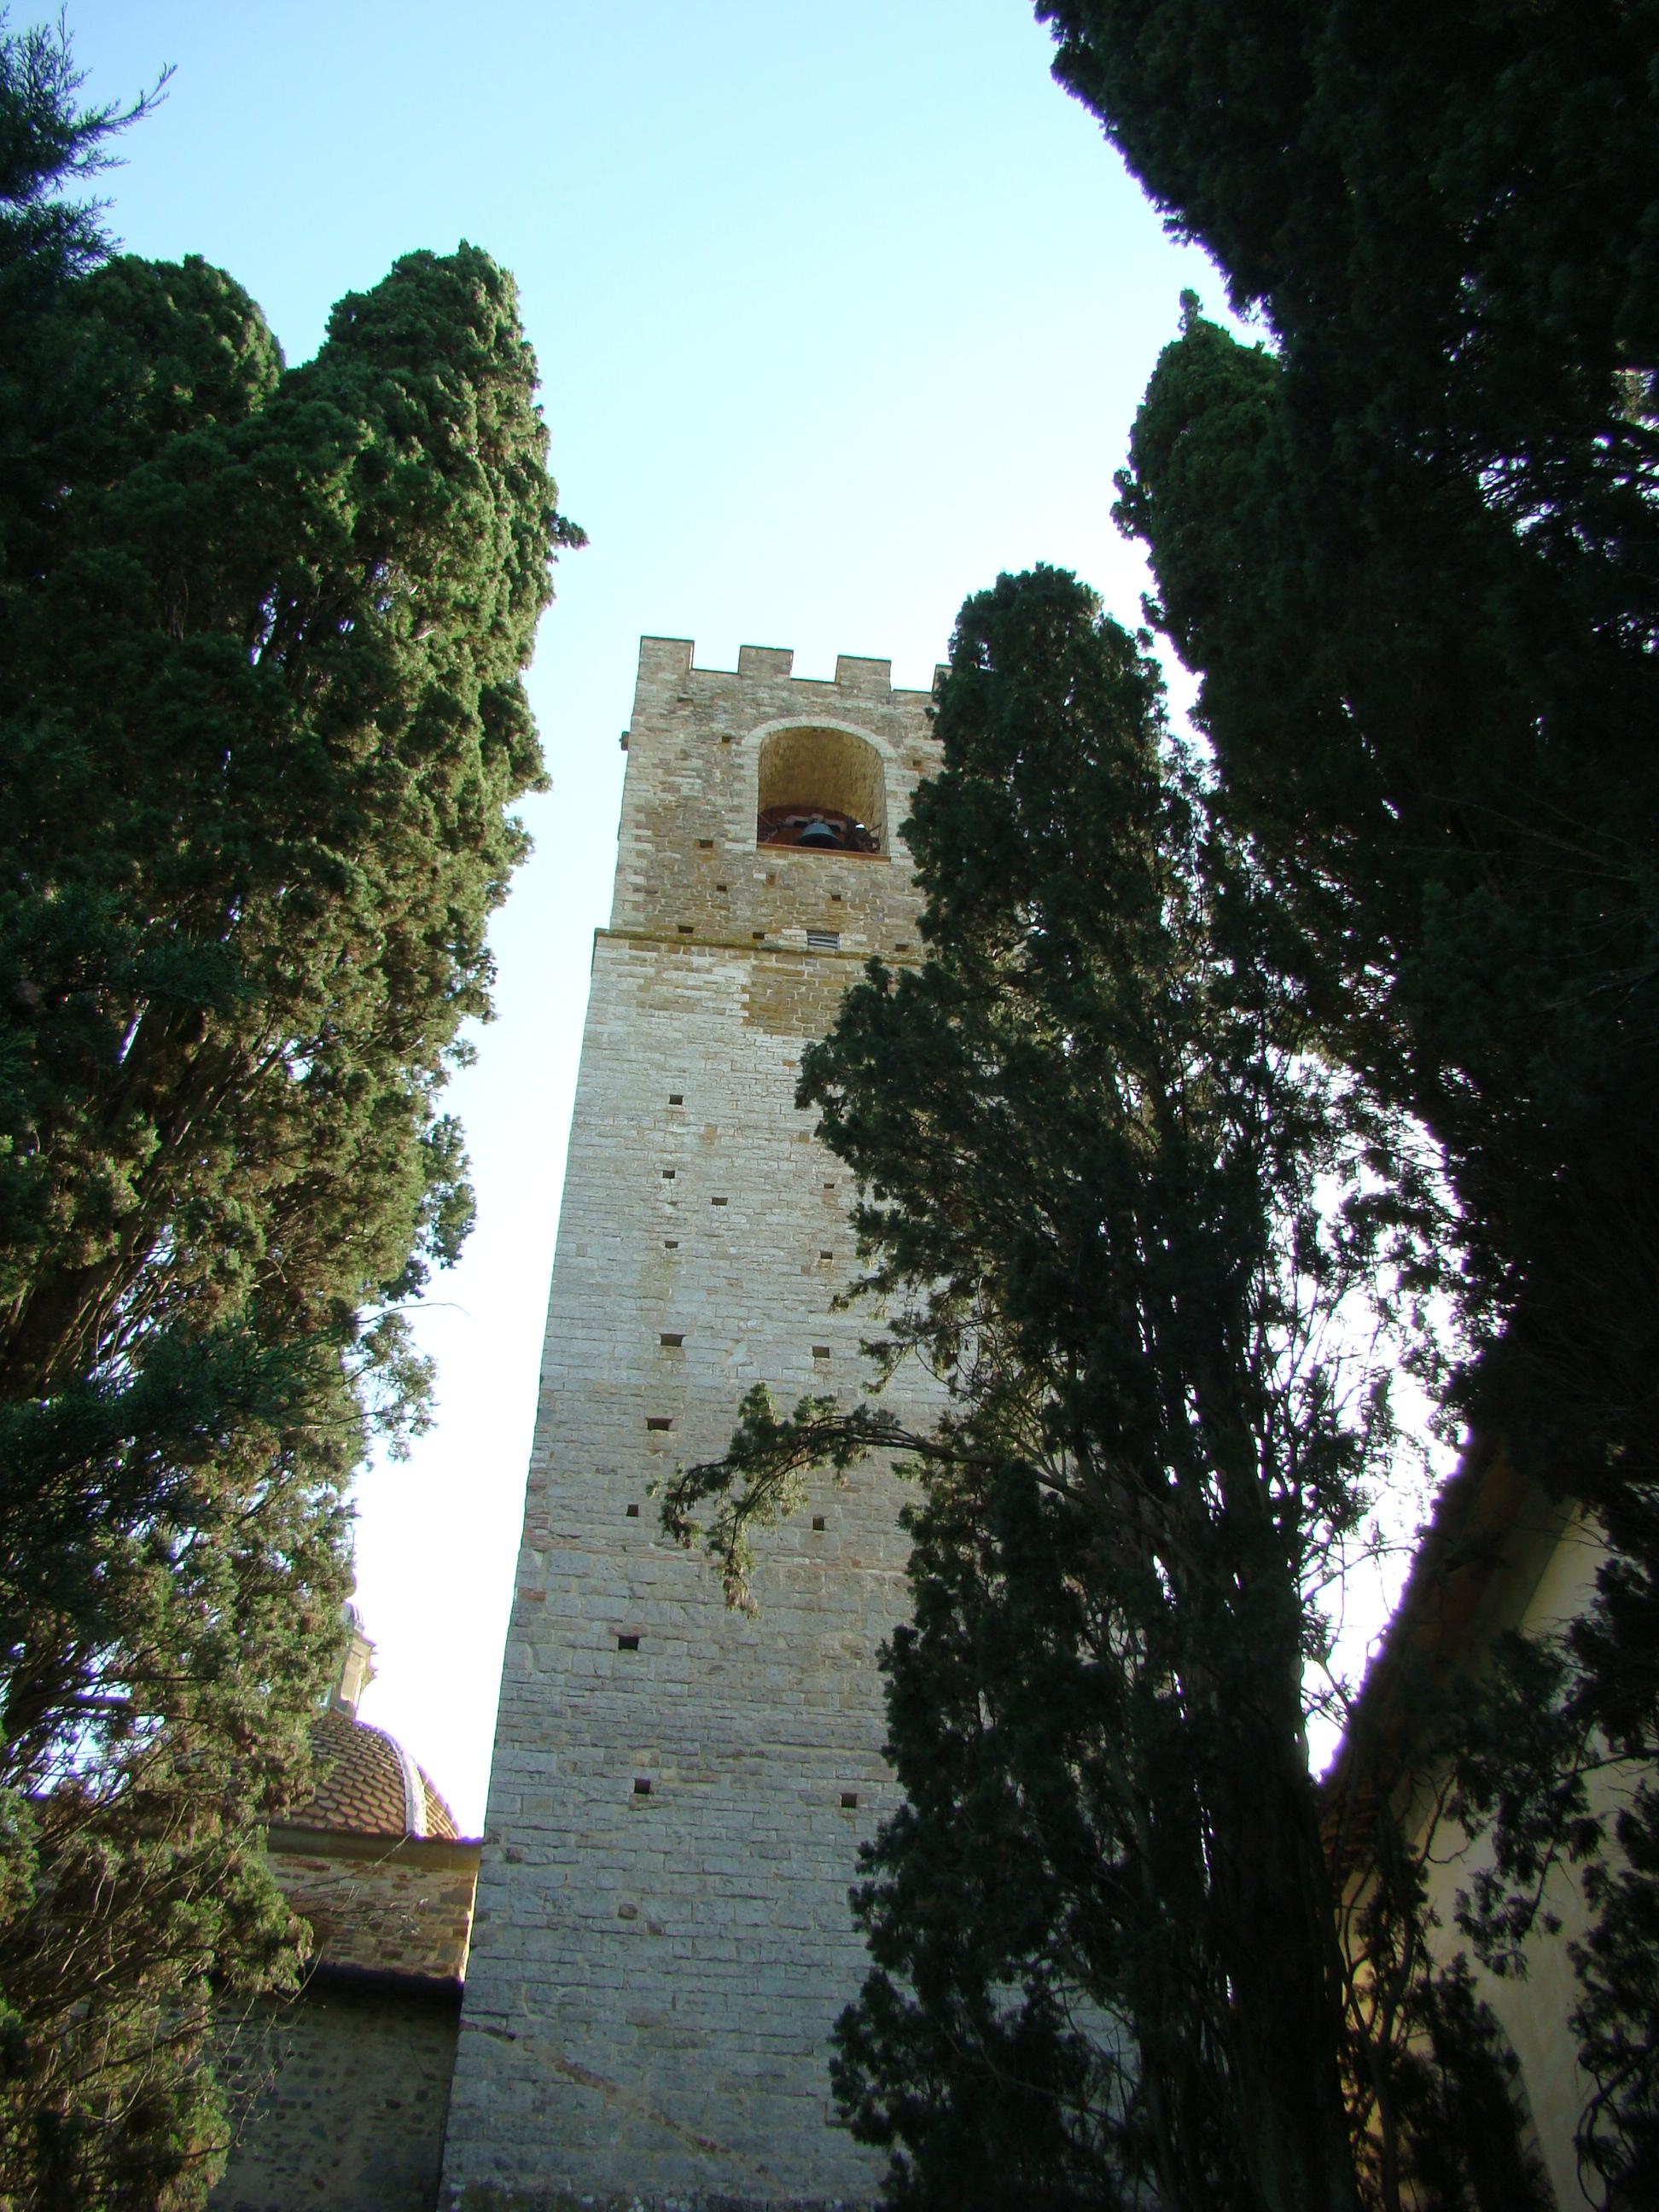 Campanile della Badia a Passignano (di Giuliana Profeti)